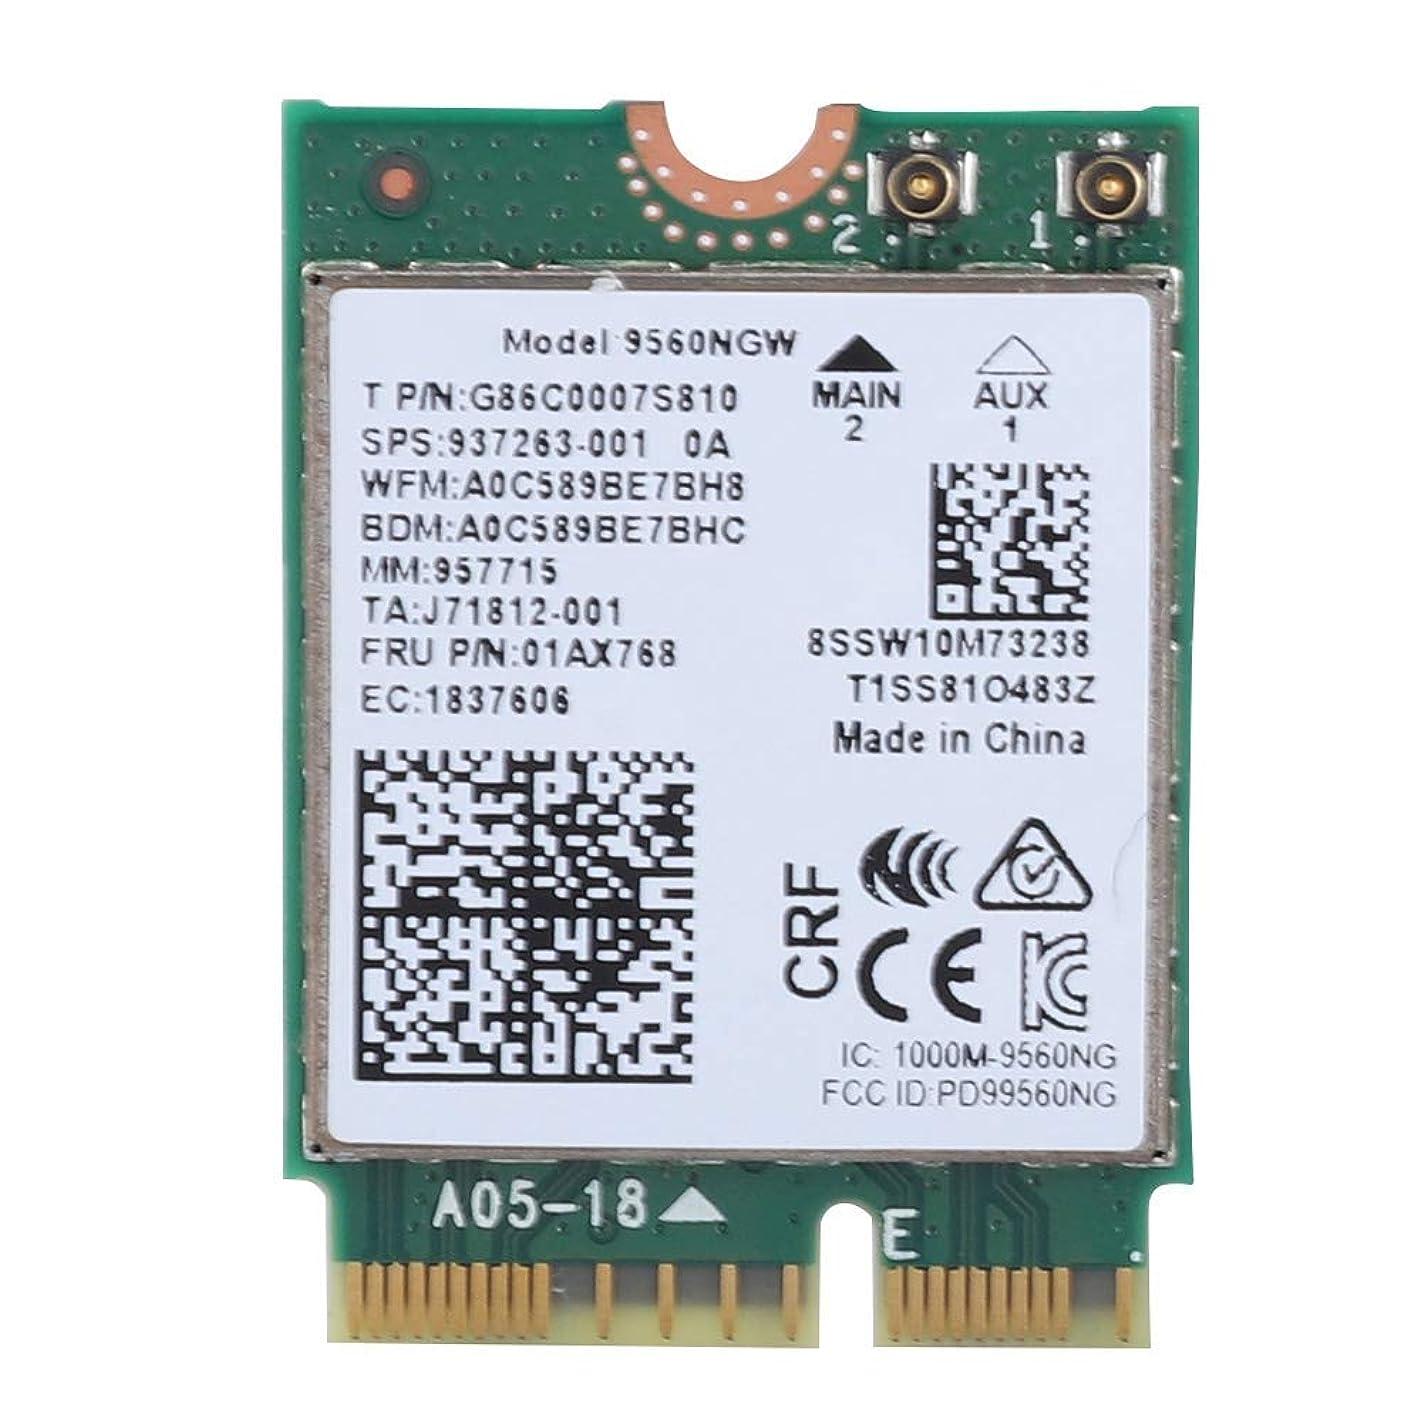 インテル9560AC NGW NGWワイヤレスWIFIカード用のBluetooth 5.0対応2.4G / 5Gデュアルバンドネットワークカード